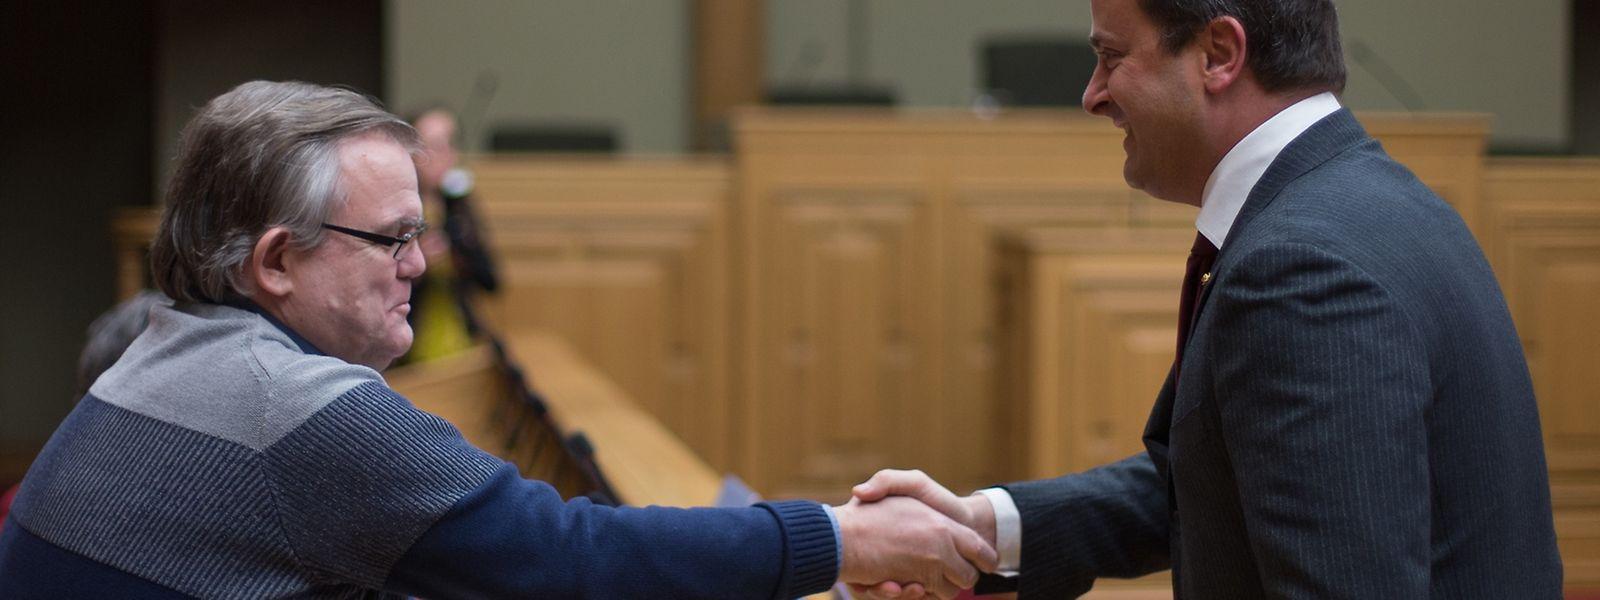 Lucien Welter, autor da petição pública n°698, cumprimenta o primeiro-ministro Xavier Bettel.